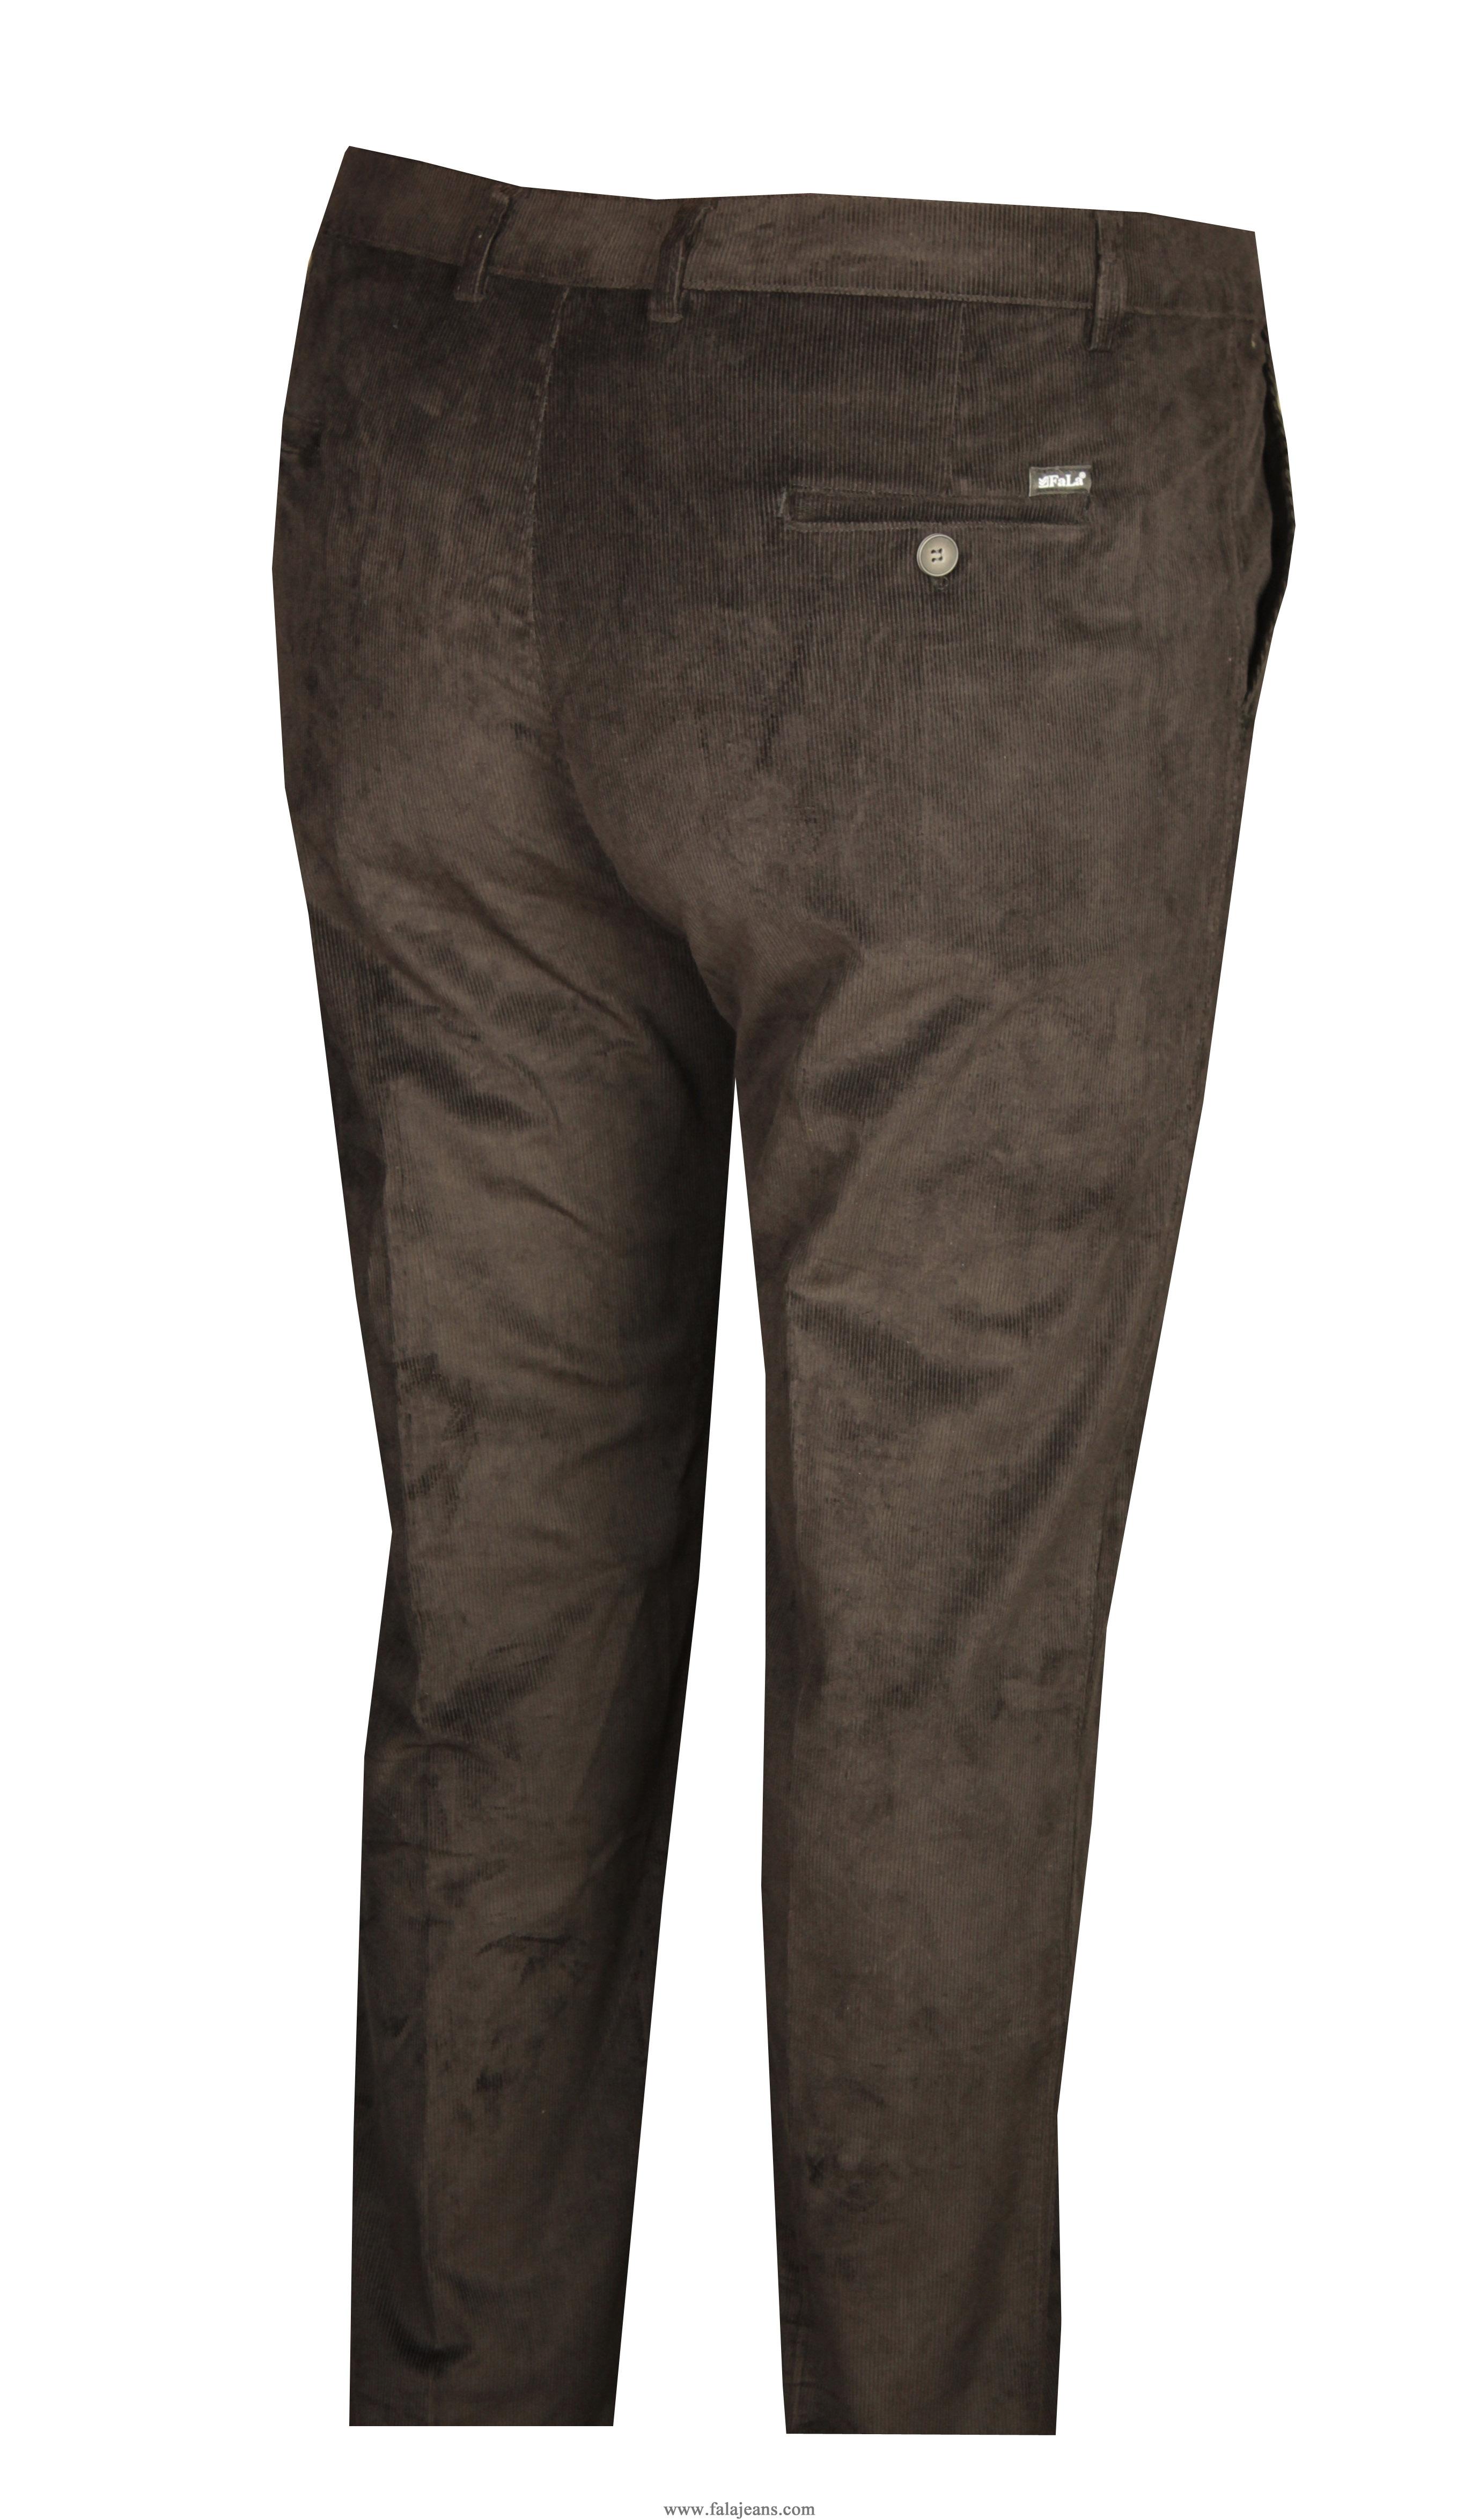 Büyük Beden Kadife Pantolon Siyah 97171